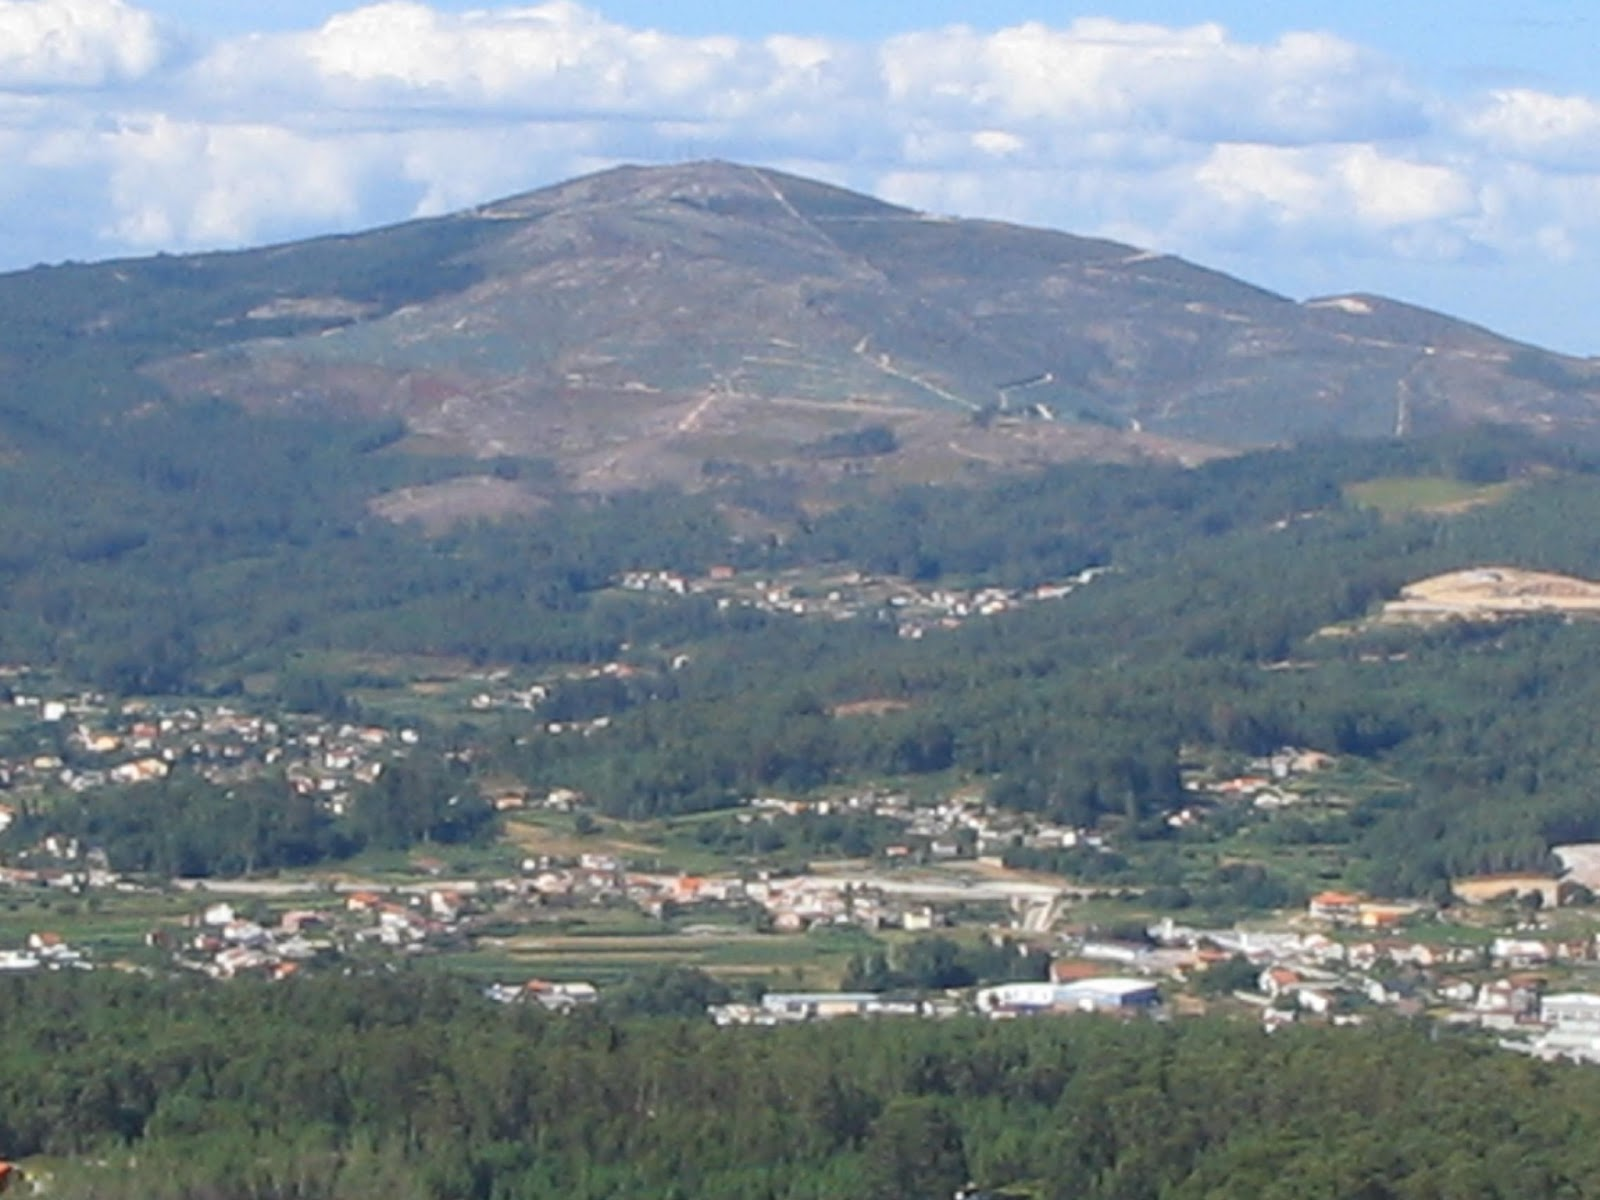 http://4.bp.blogspot.com/-eoUB-7lgdK4/USpwRh5autI/AAAAAAAAAKw/rST6HAaLJ5w/s1600/Monte_Xiabre.jpg